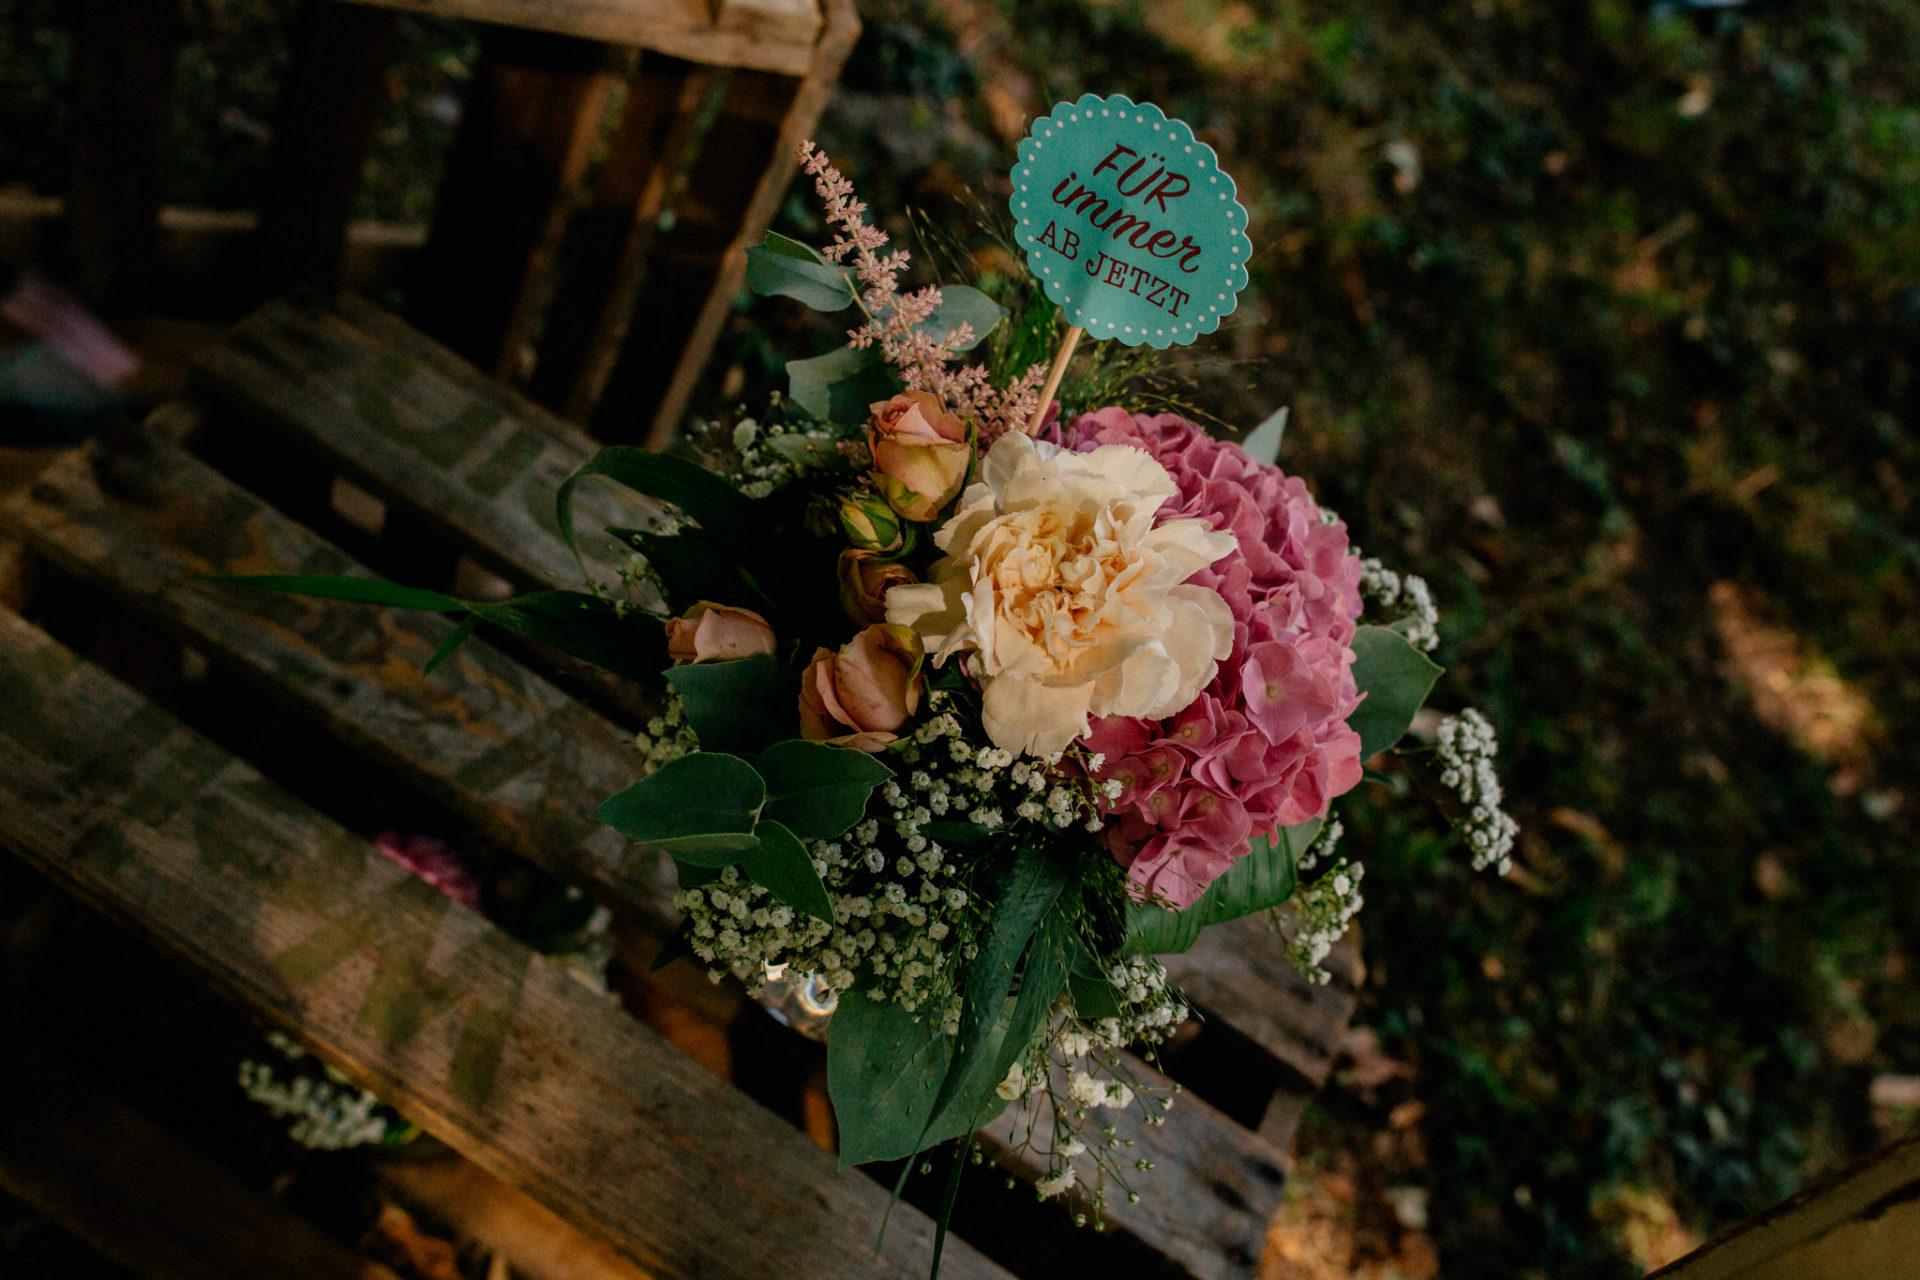 hochzeitsfotograf schloss heinsheim-elegant heiraten-Für immer ab jetzt hochzeitsmotto-Blumendeko-Farbschema mint rosa weiß